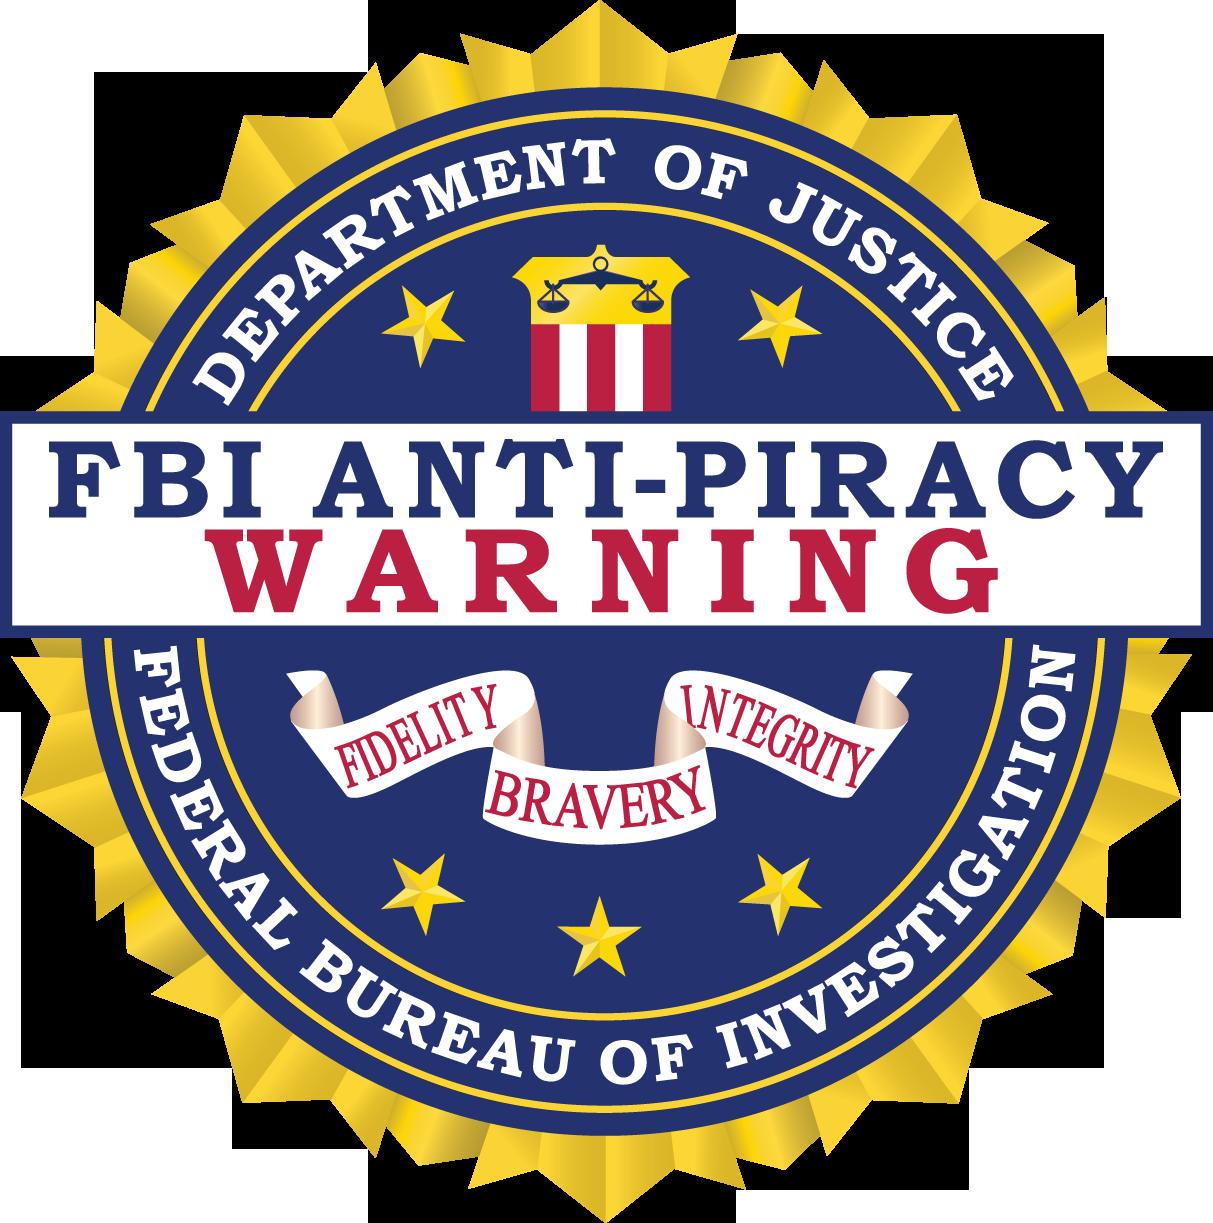 Protected FBI